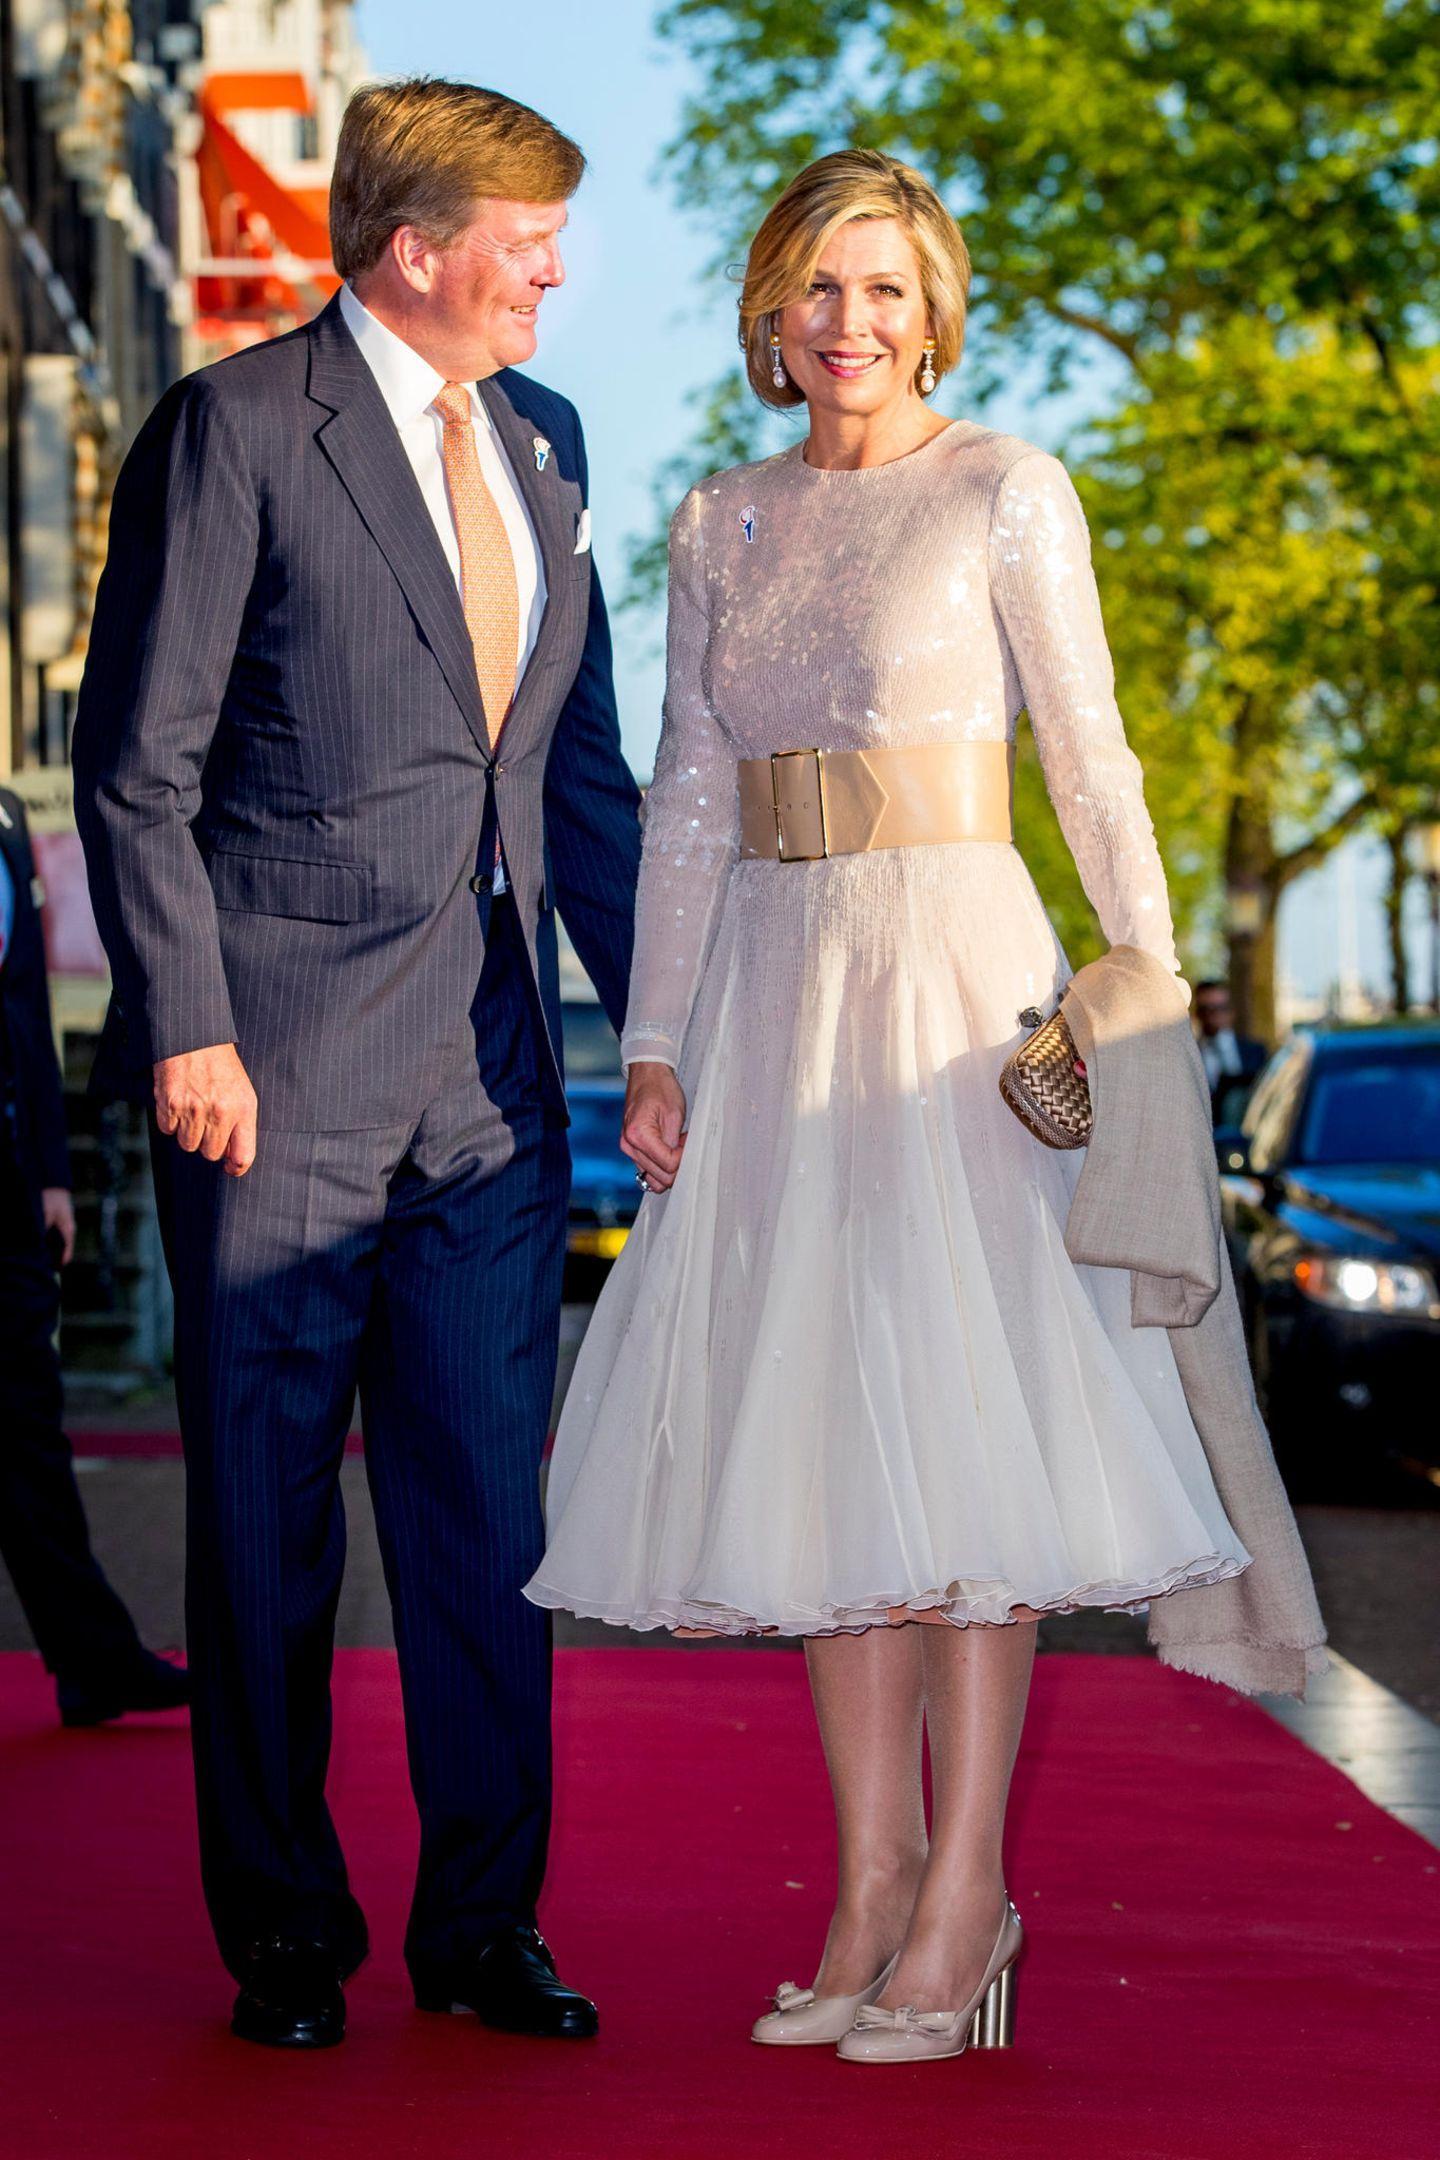 Schon im Mai 2018 verzauberte Königin Máxima in diesem wunderschönen Kleid beim Konzert anlässlich des Befreiungstags in Amsterdam. Kein Wunder, dass Máxima exakt diesen Look knapp ein Jahr späternoch einmal trägt ...